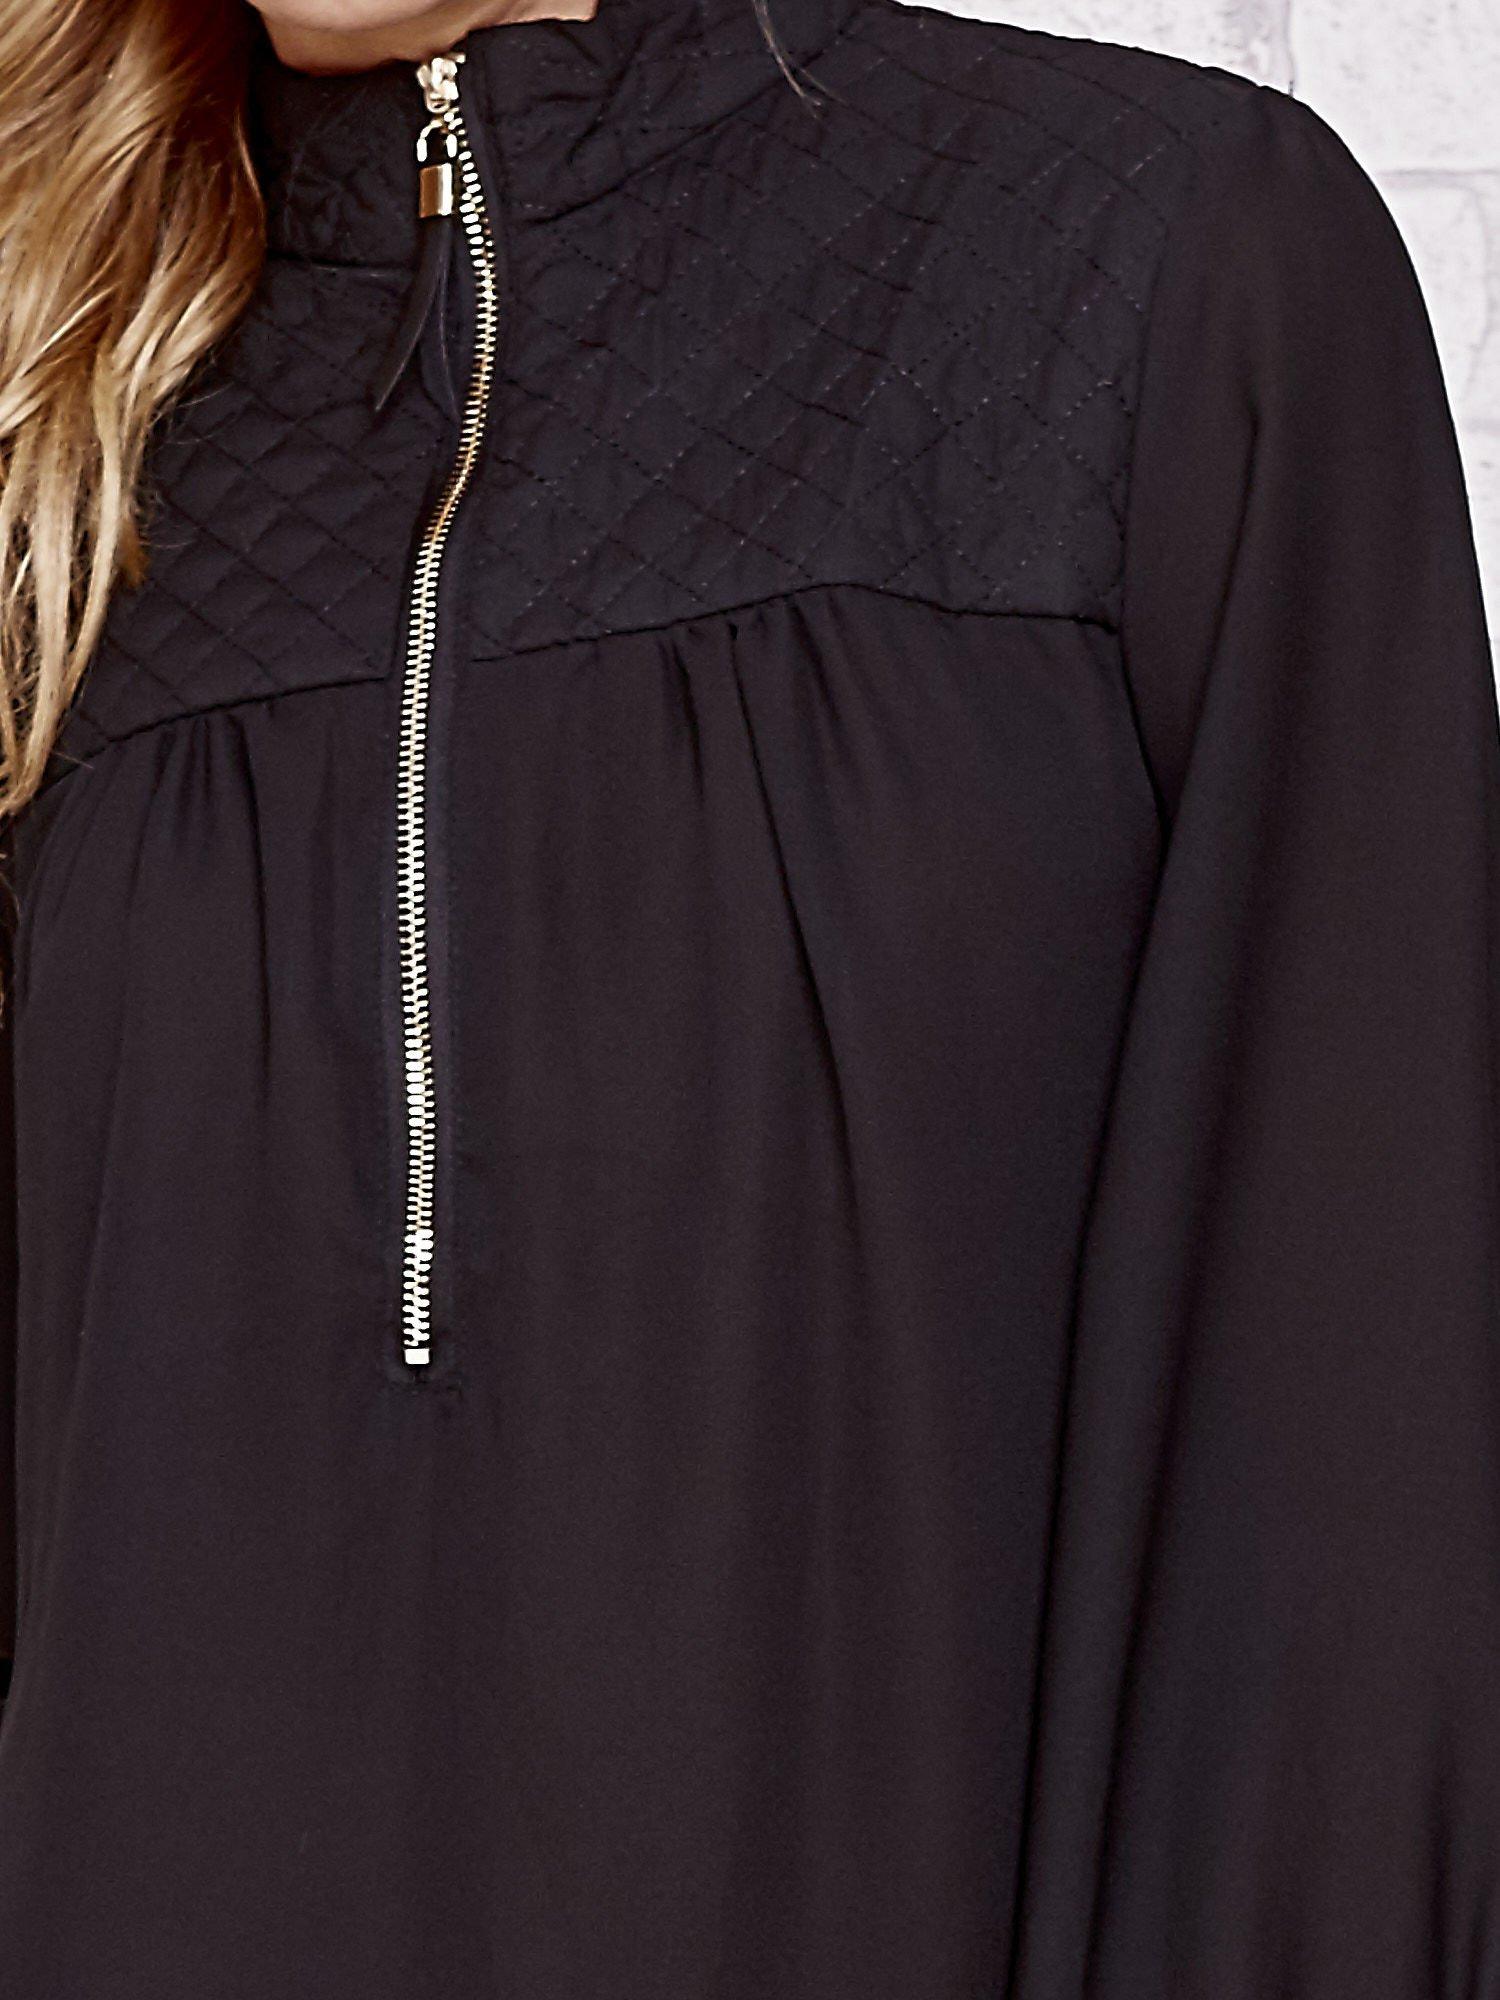 Czarna elegancka koszula z pikowanymi wstawkami i suwakiem                                  zdj.                                  5